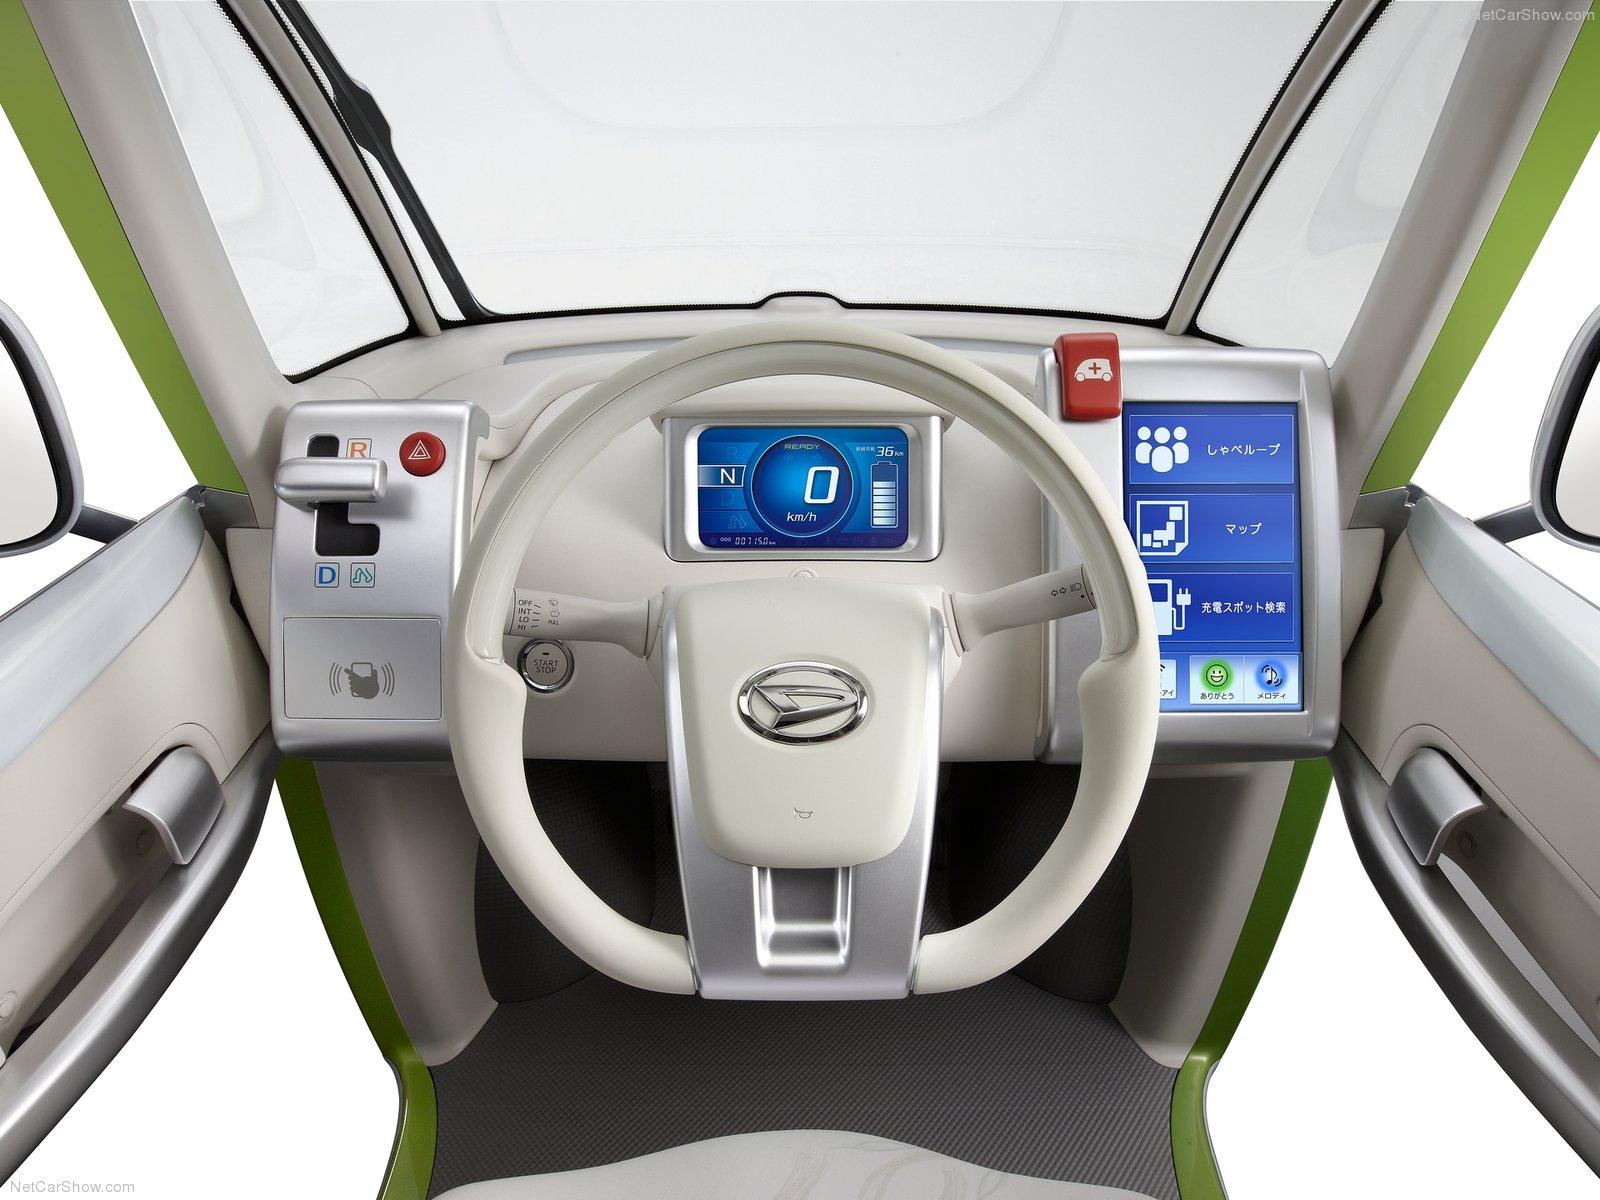 Hình ảnh xe ô tô Daihatsu PICO Concept 2011 & nội ngoại thất